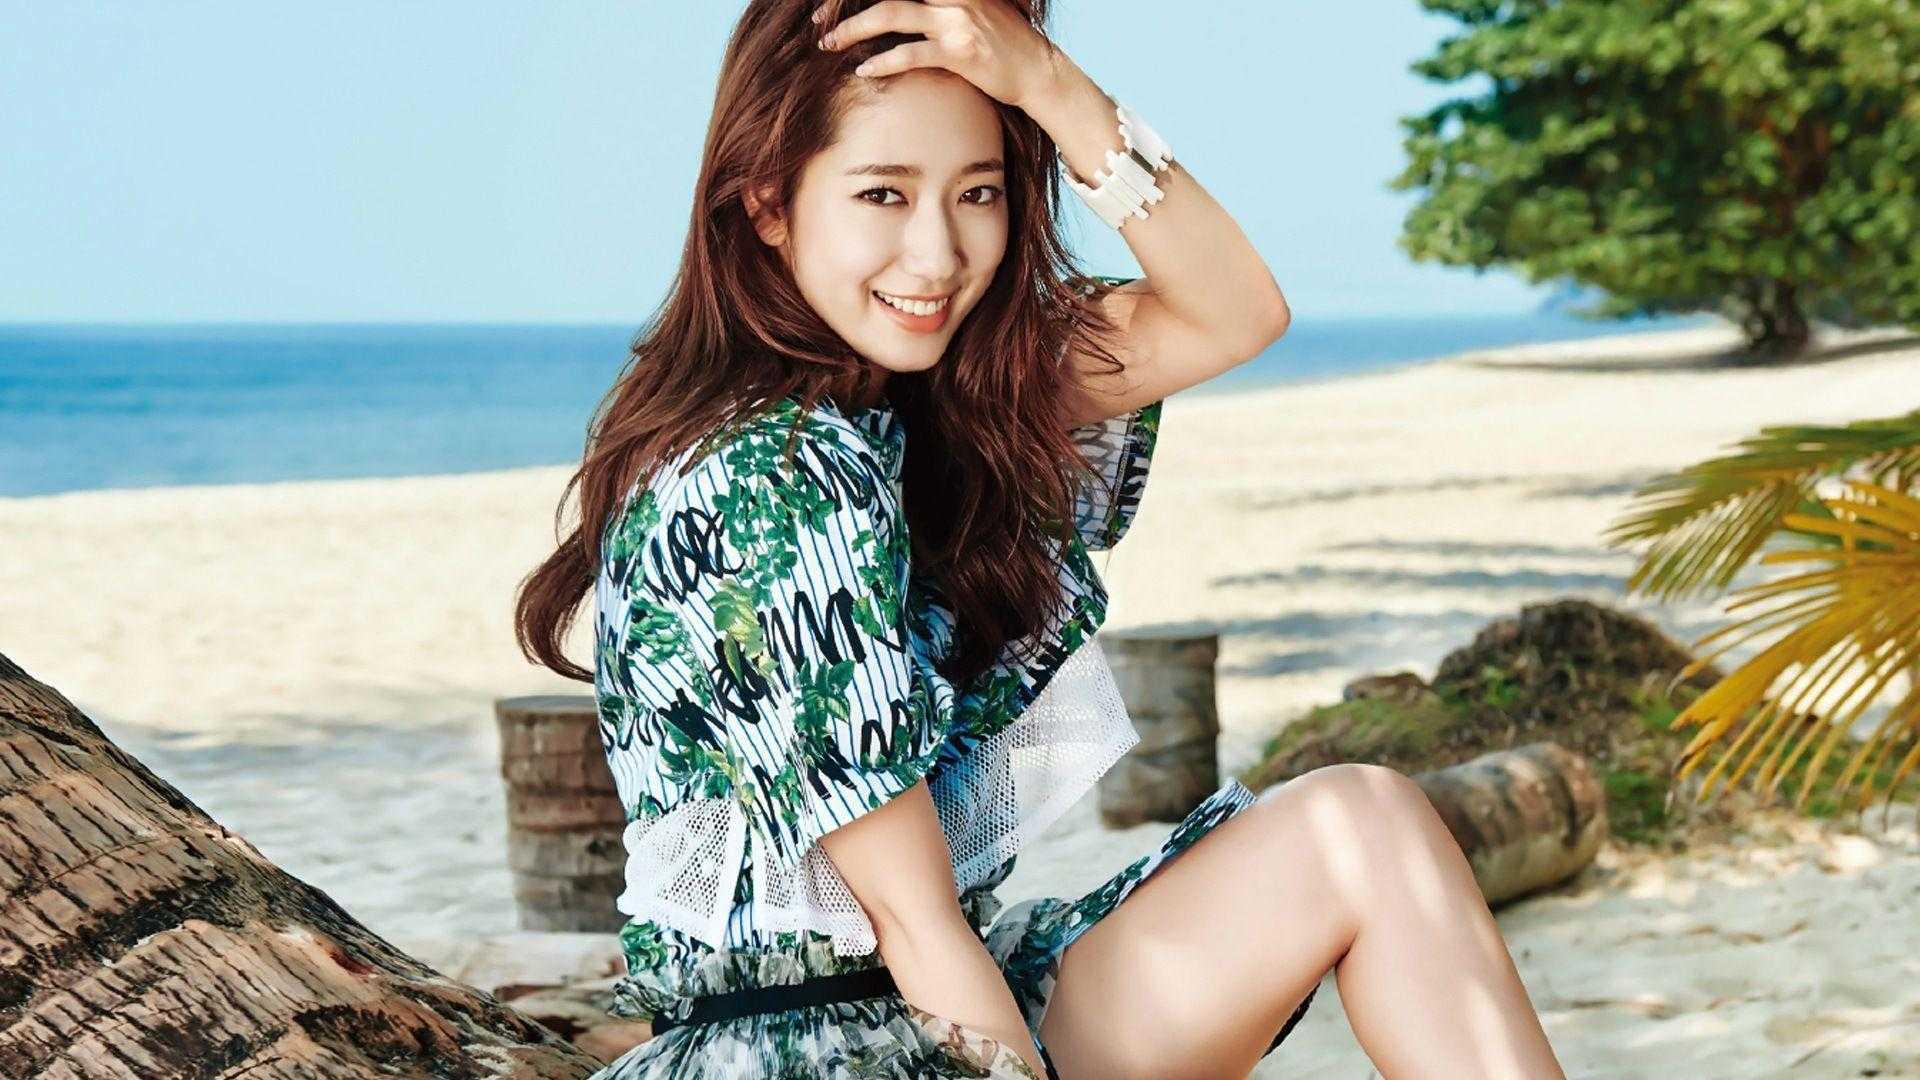 Park Shin-hye bare feet